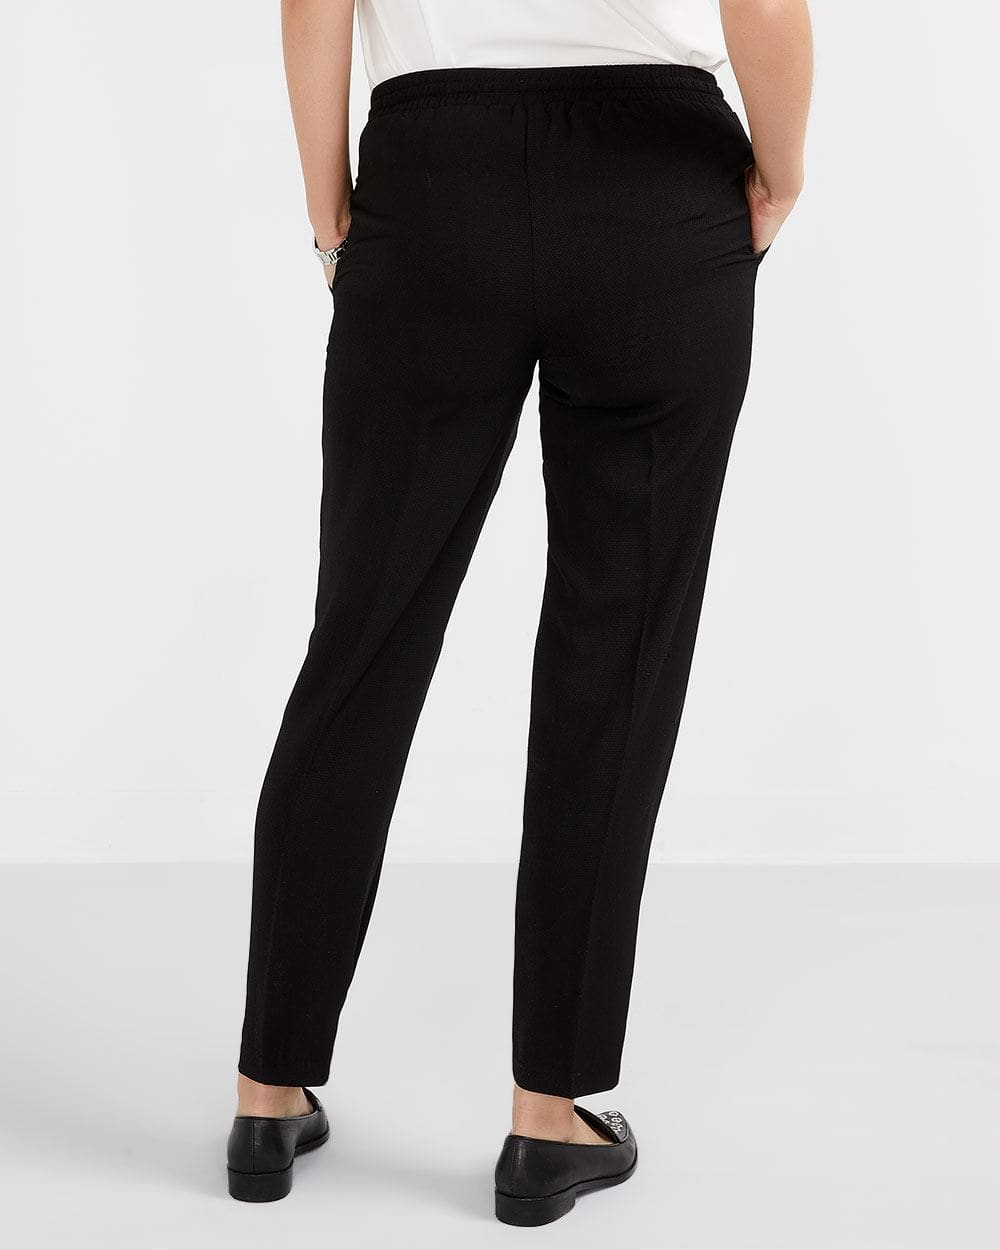 Pull-On Skinny Pants